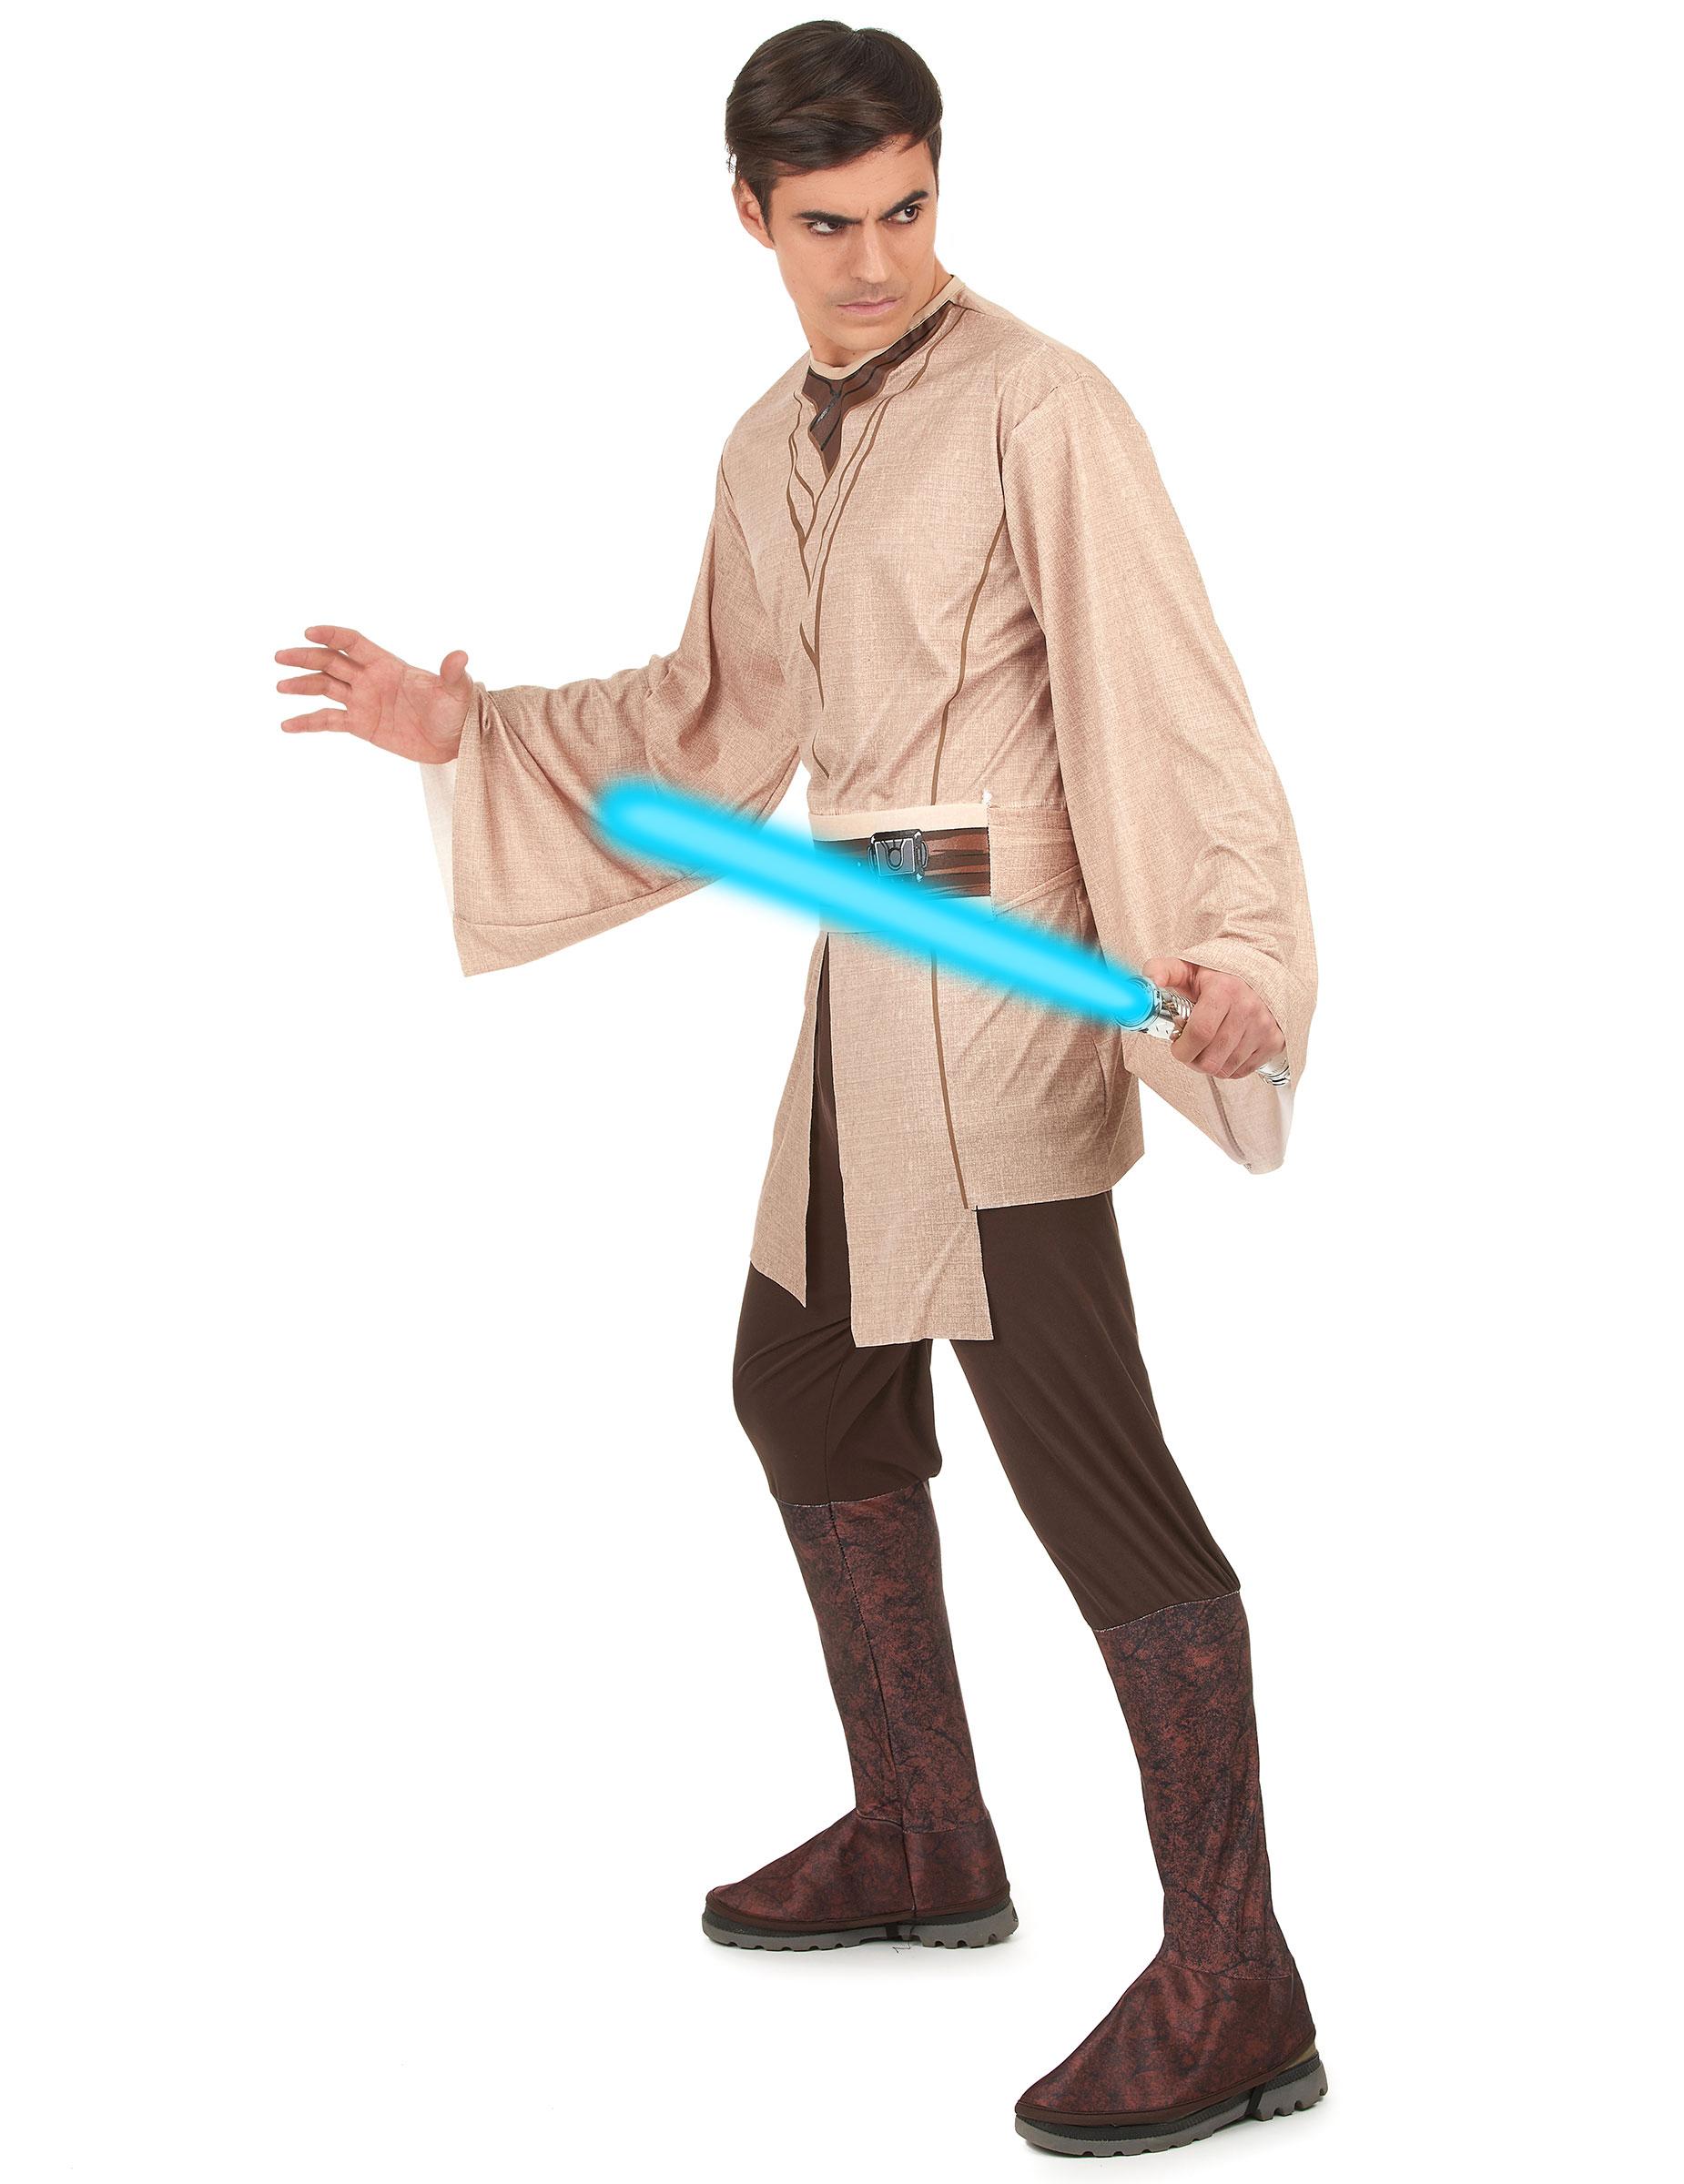 Citaten Uit Star Wars : Pak van jedi uit star wars™ voor mannen volwassenen